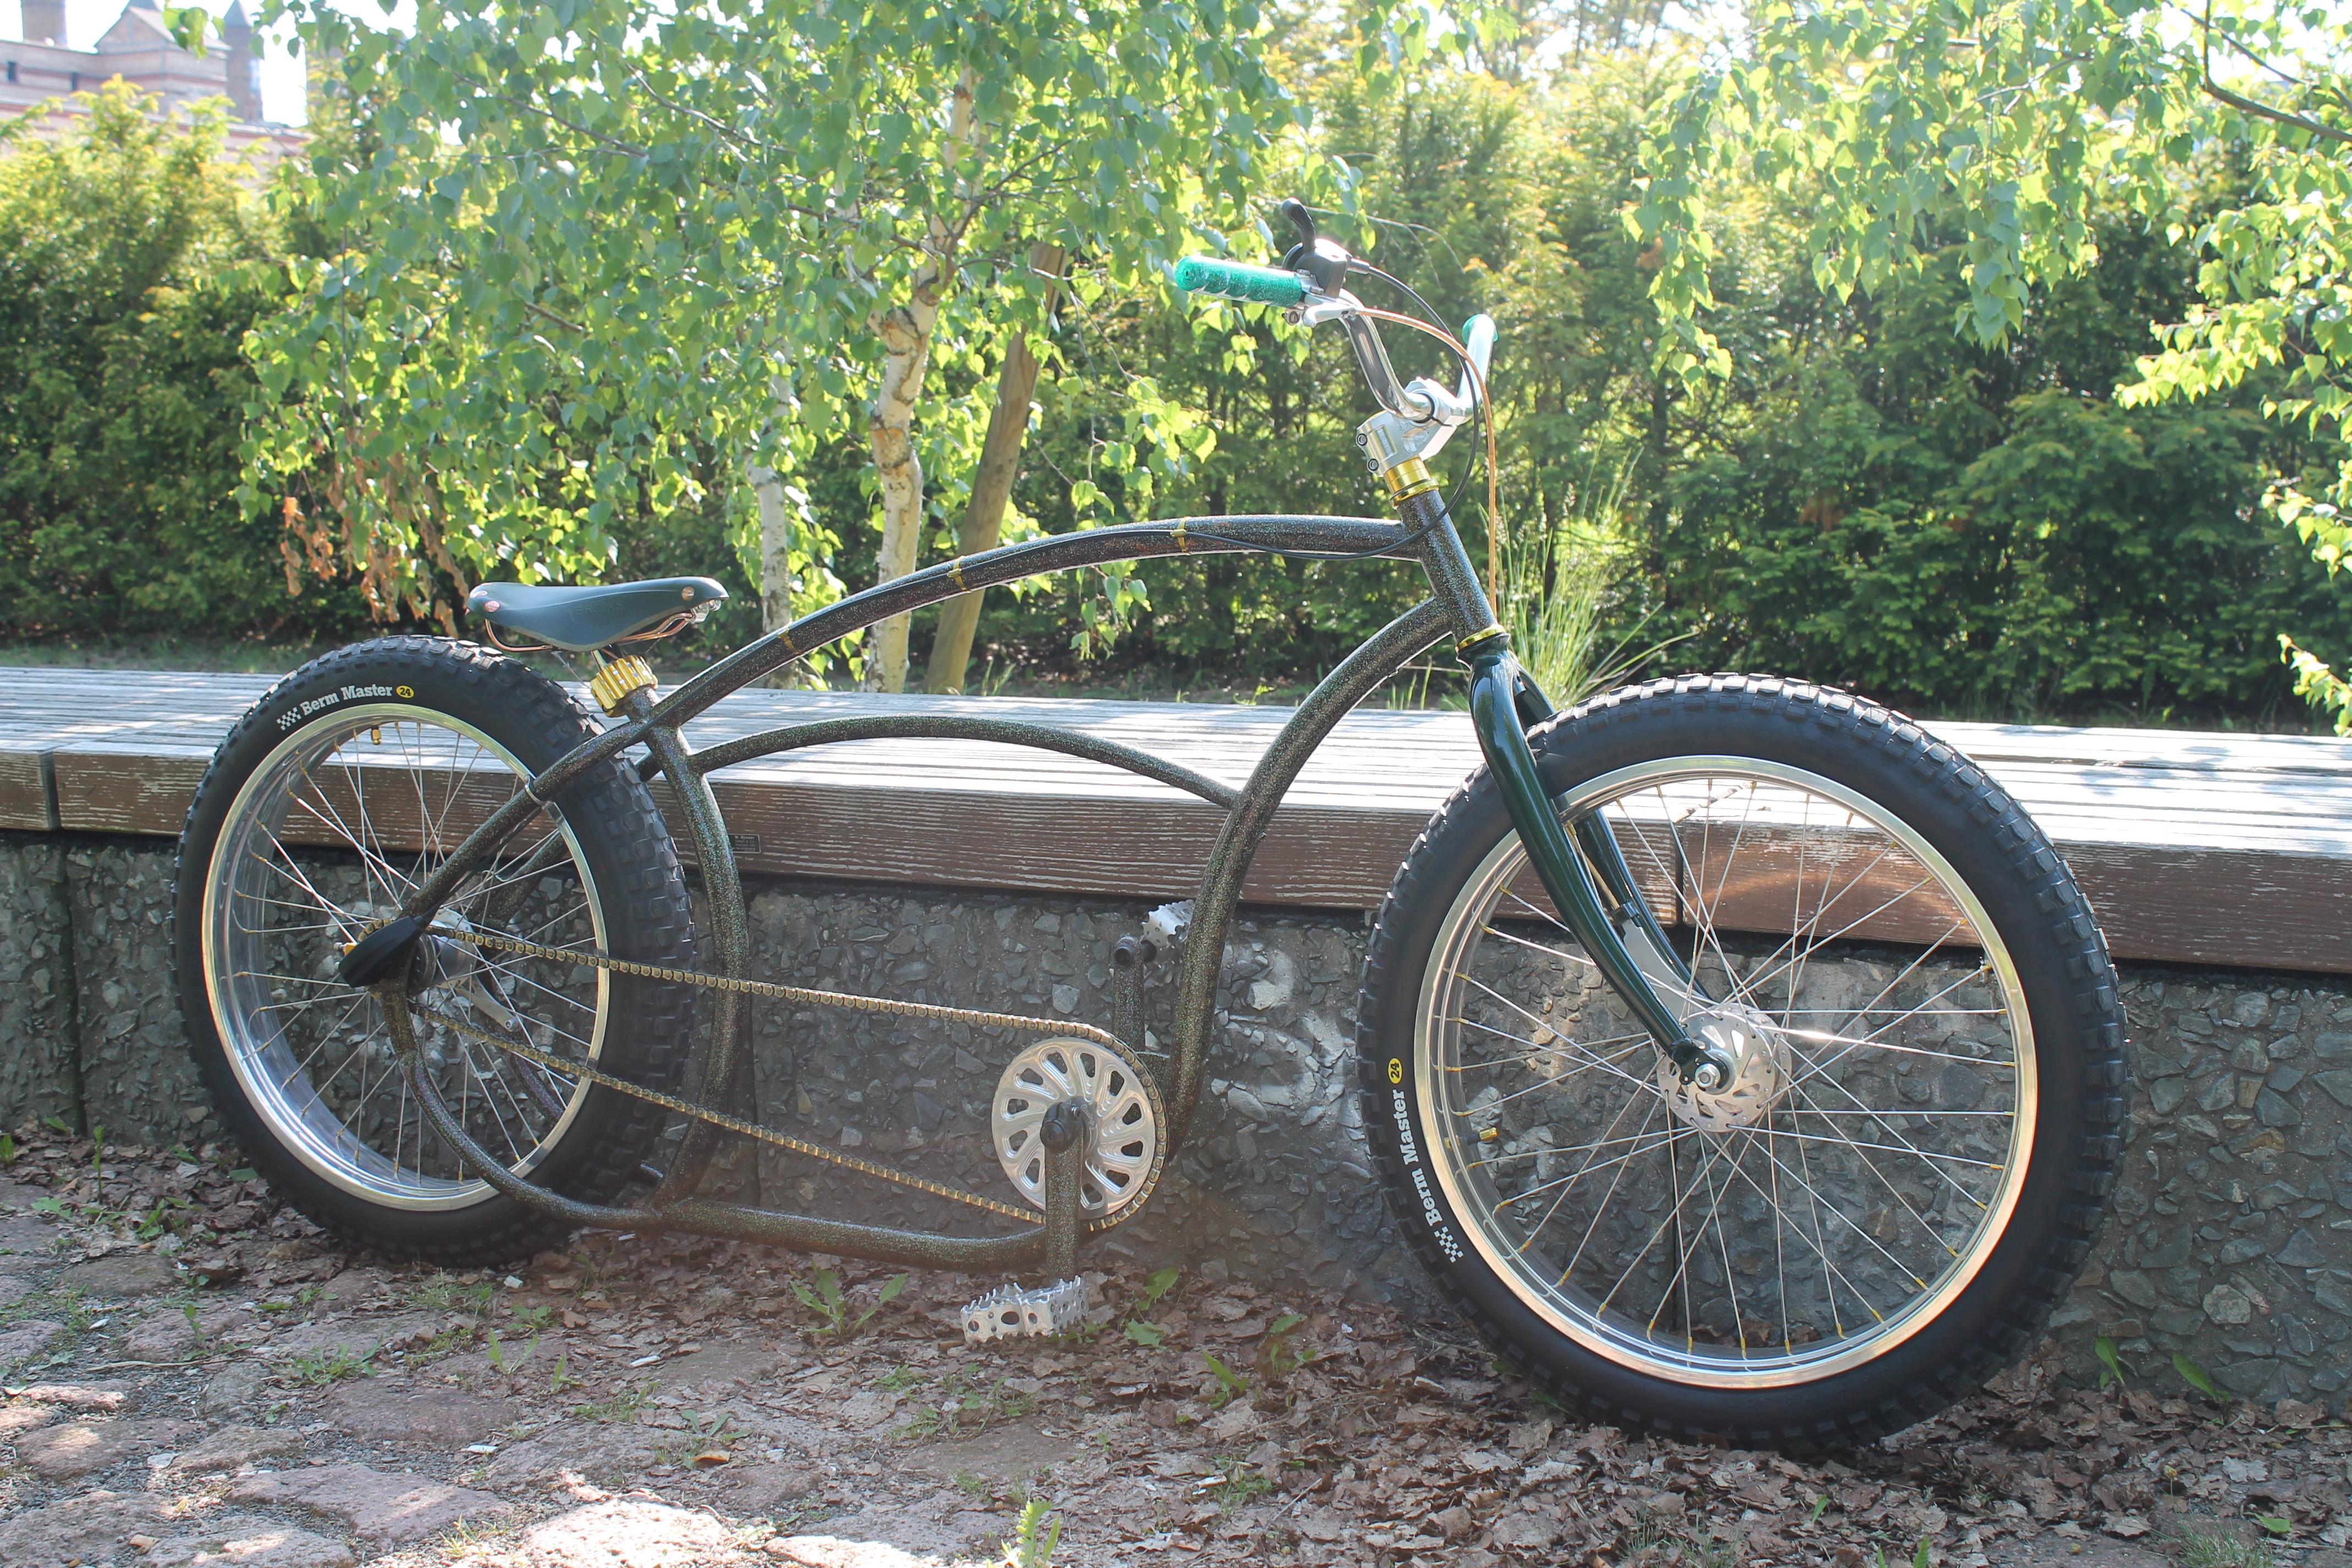 Cruiser (Fahrrad) - Wikiwand